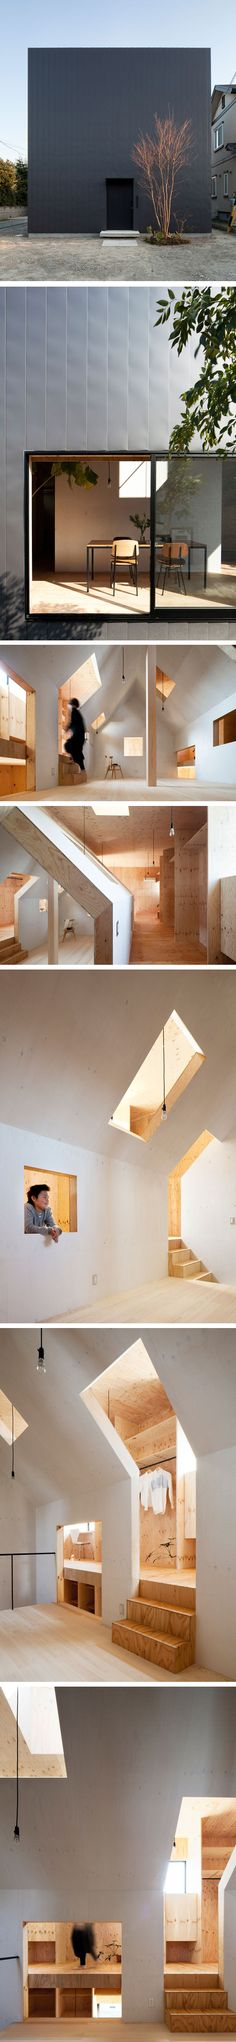 ANT HOUSE - despiertaYmira